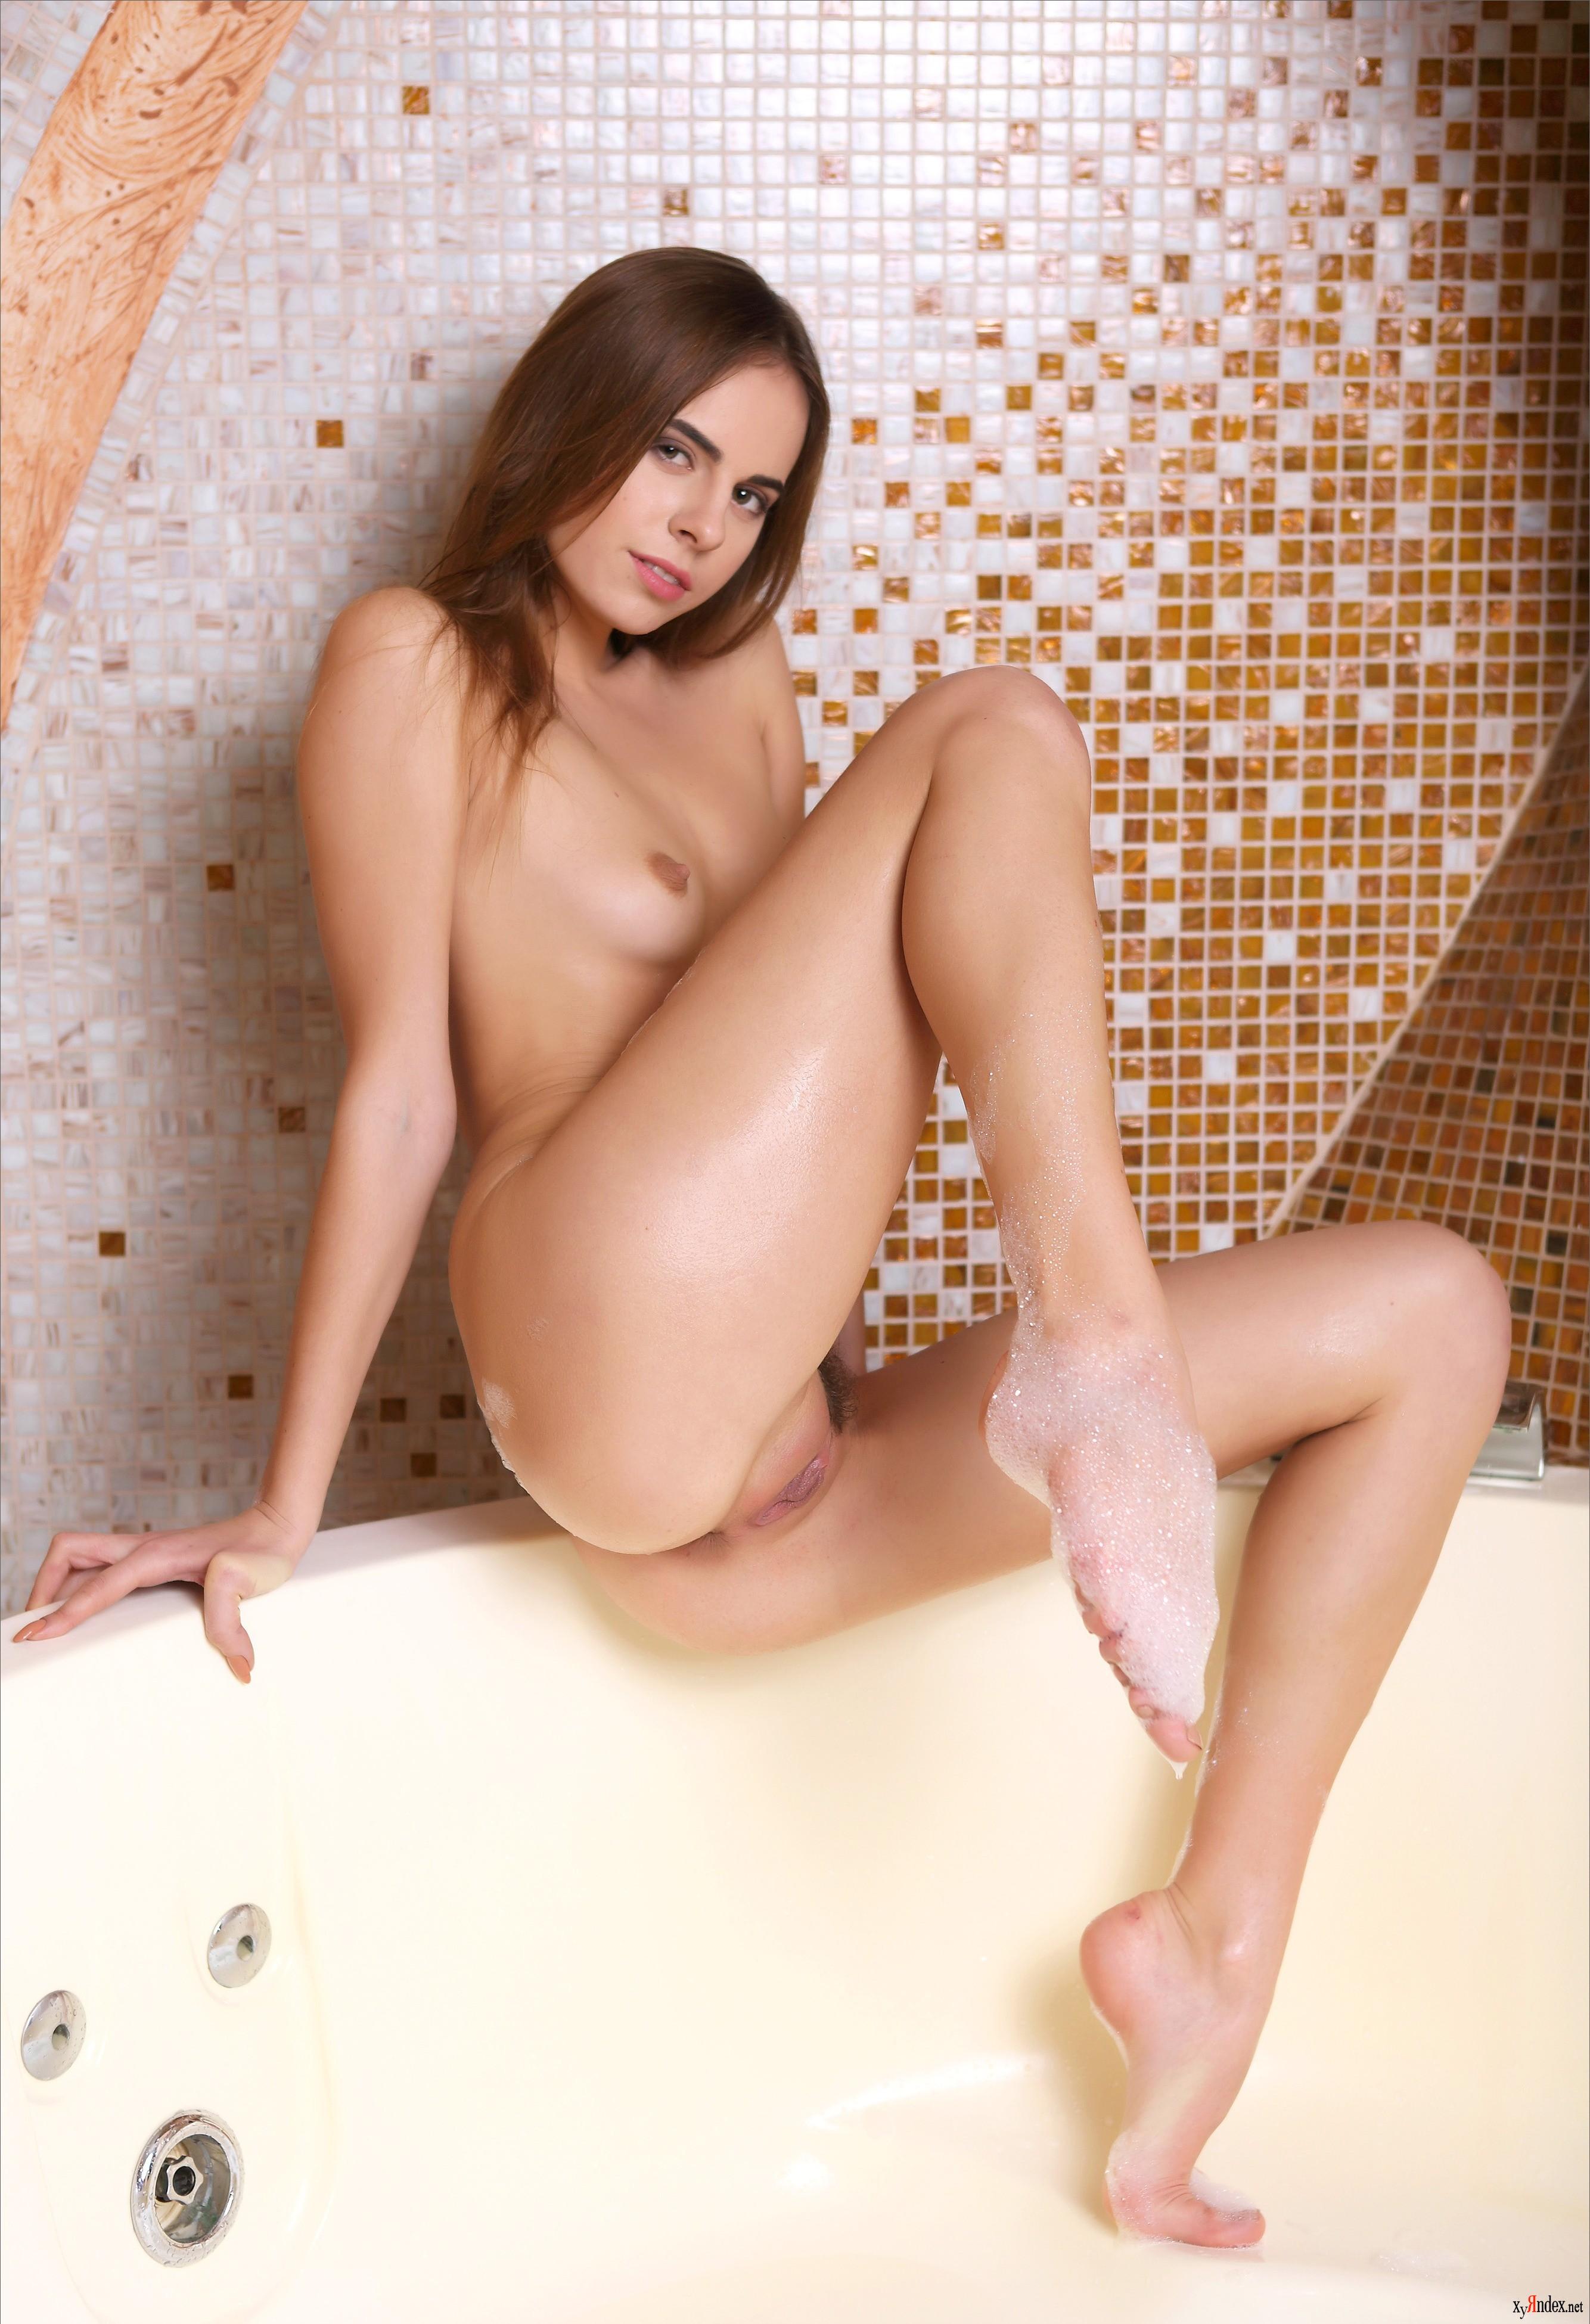 Eliza Dushku Nude Pics